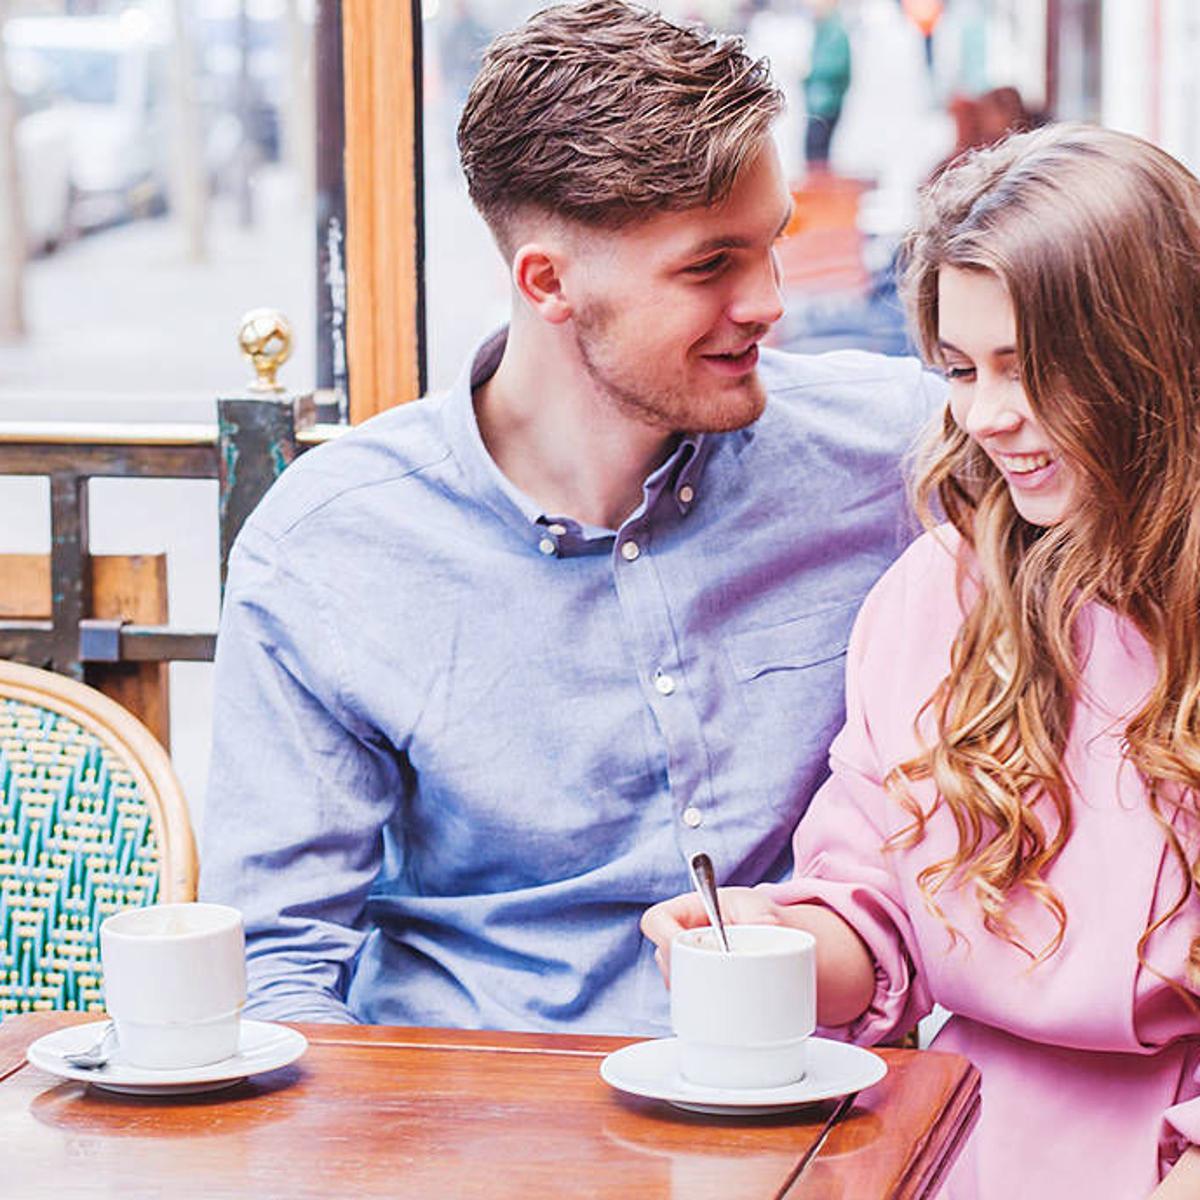 sorte singler gratis dating spørgsmål til dating par christian